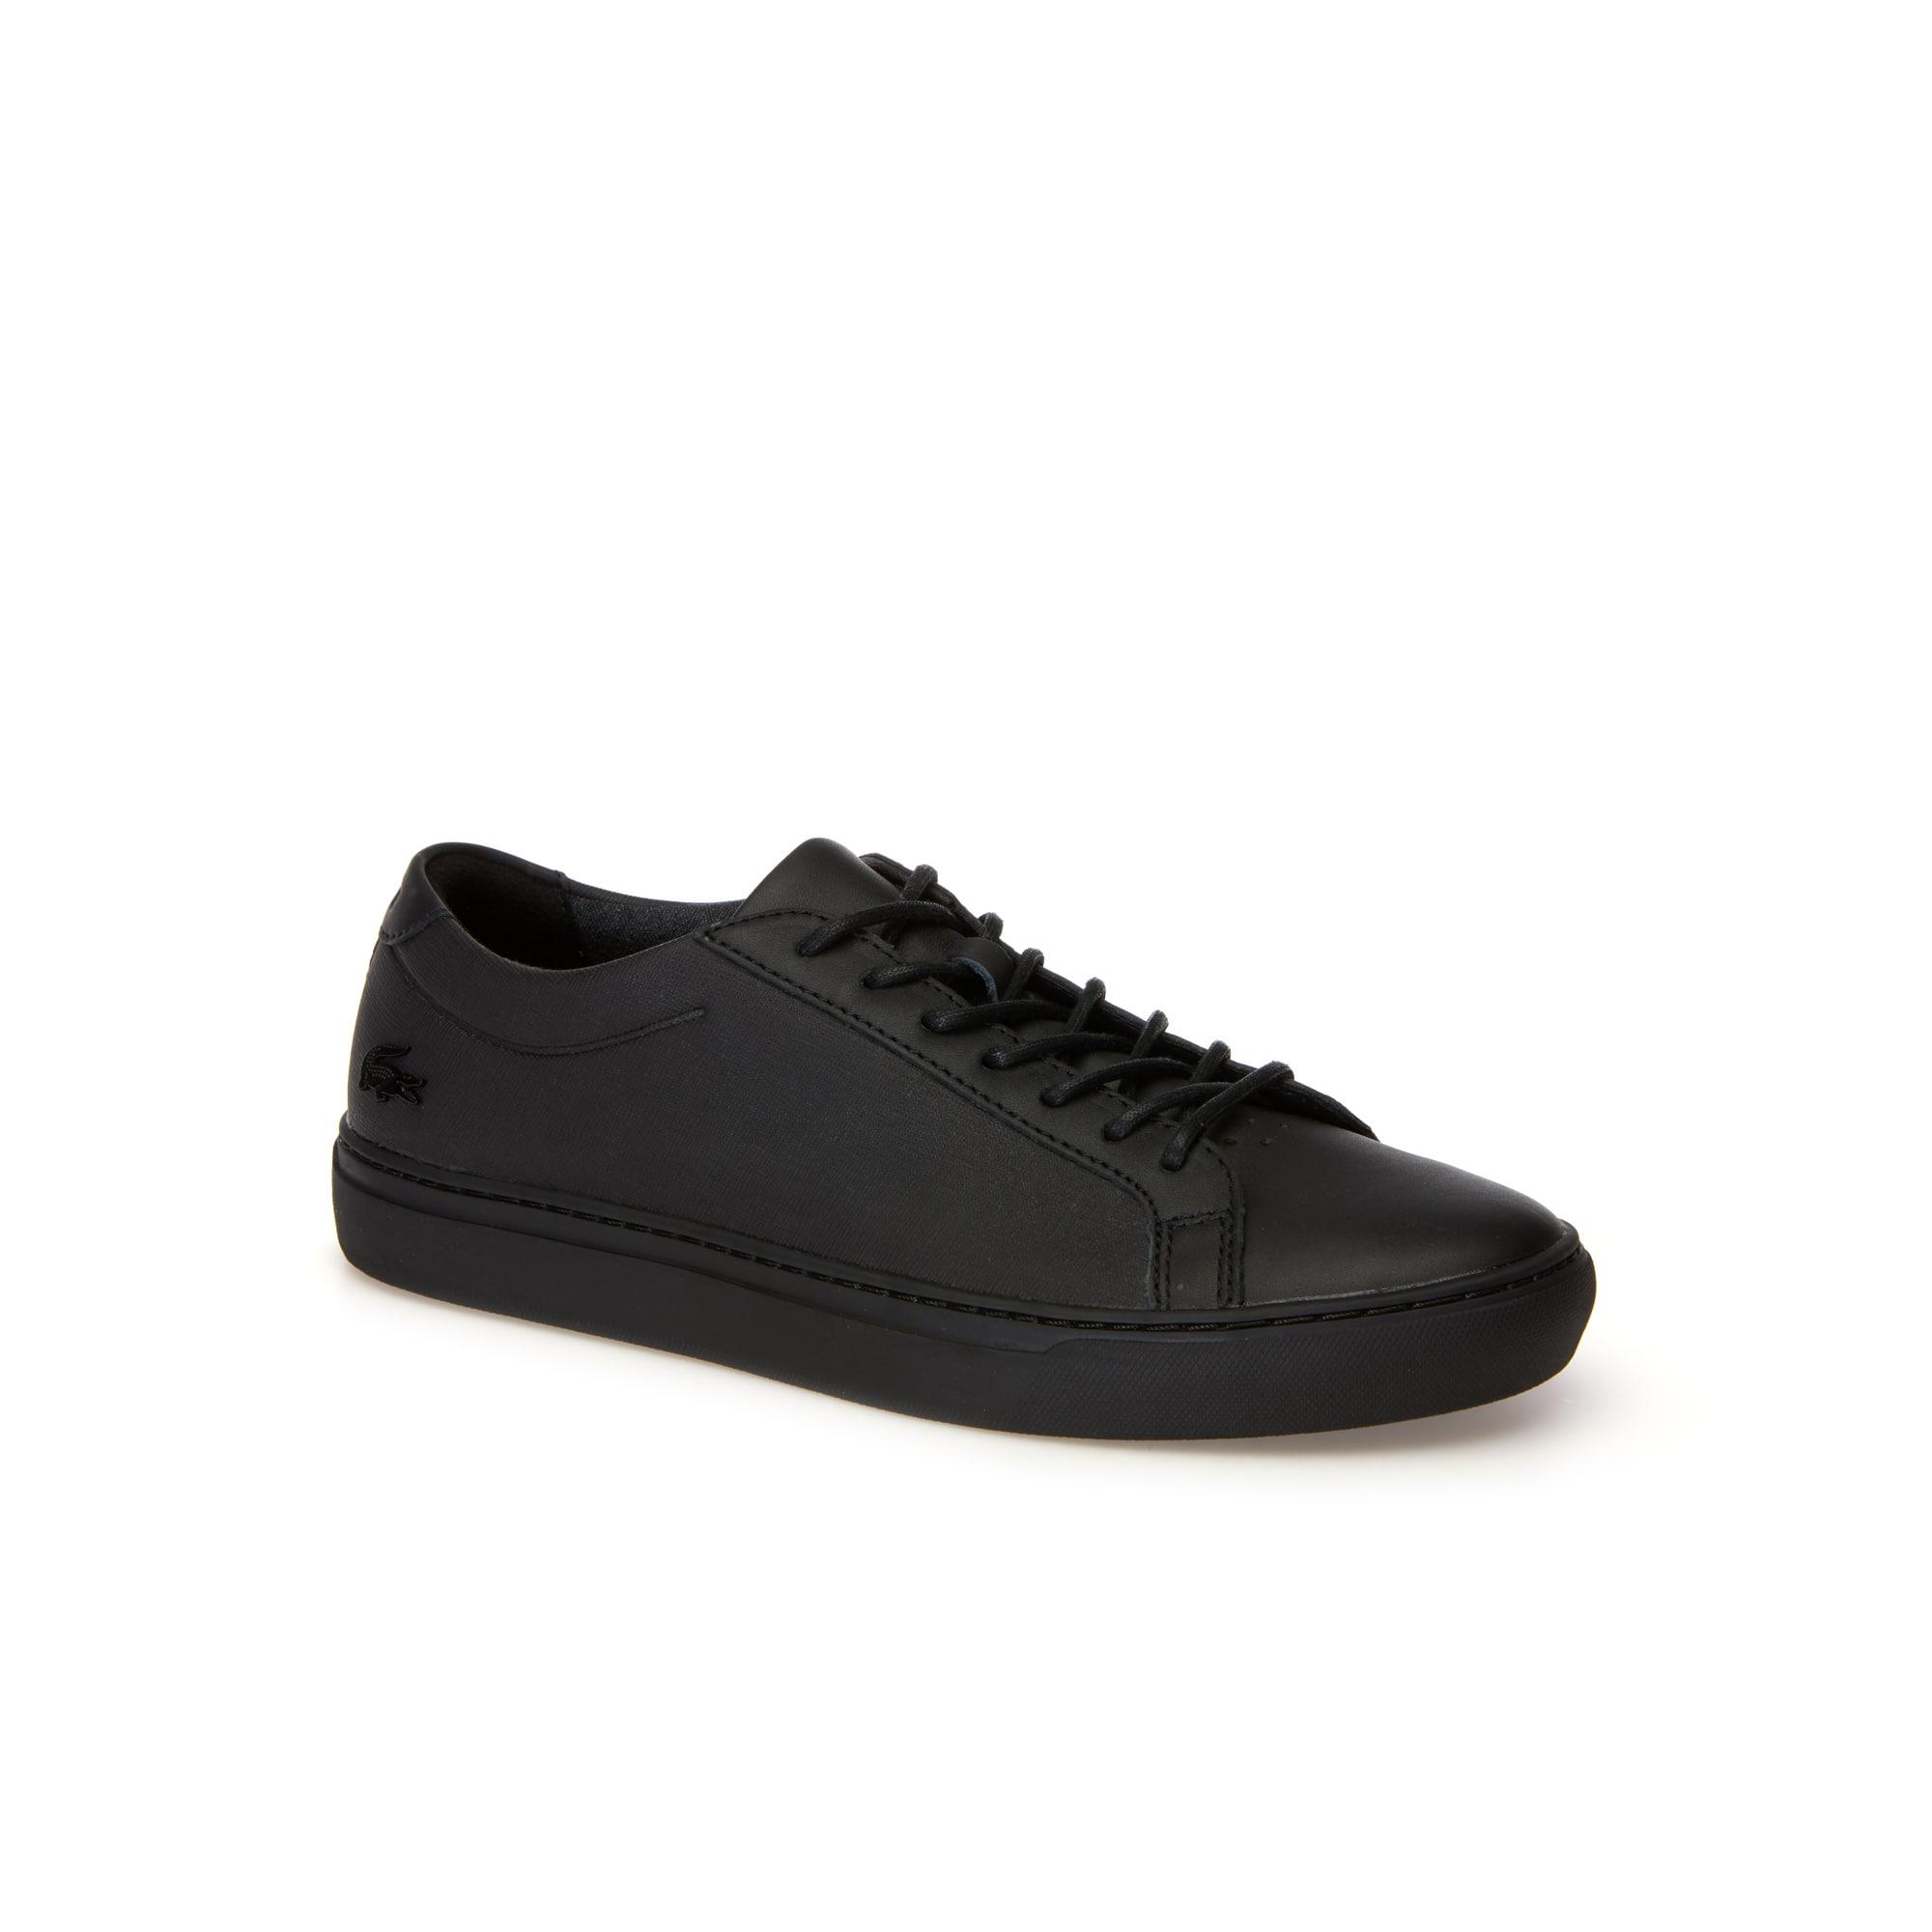 Sneakers L.12.12 homme en cuir de qualité supérieure